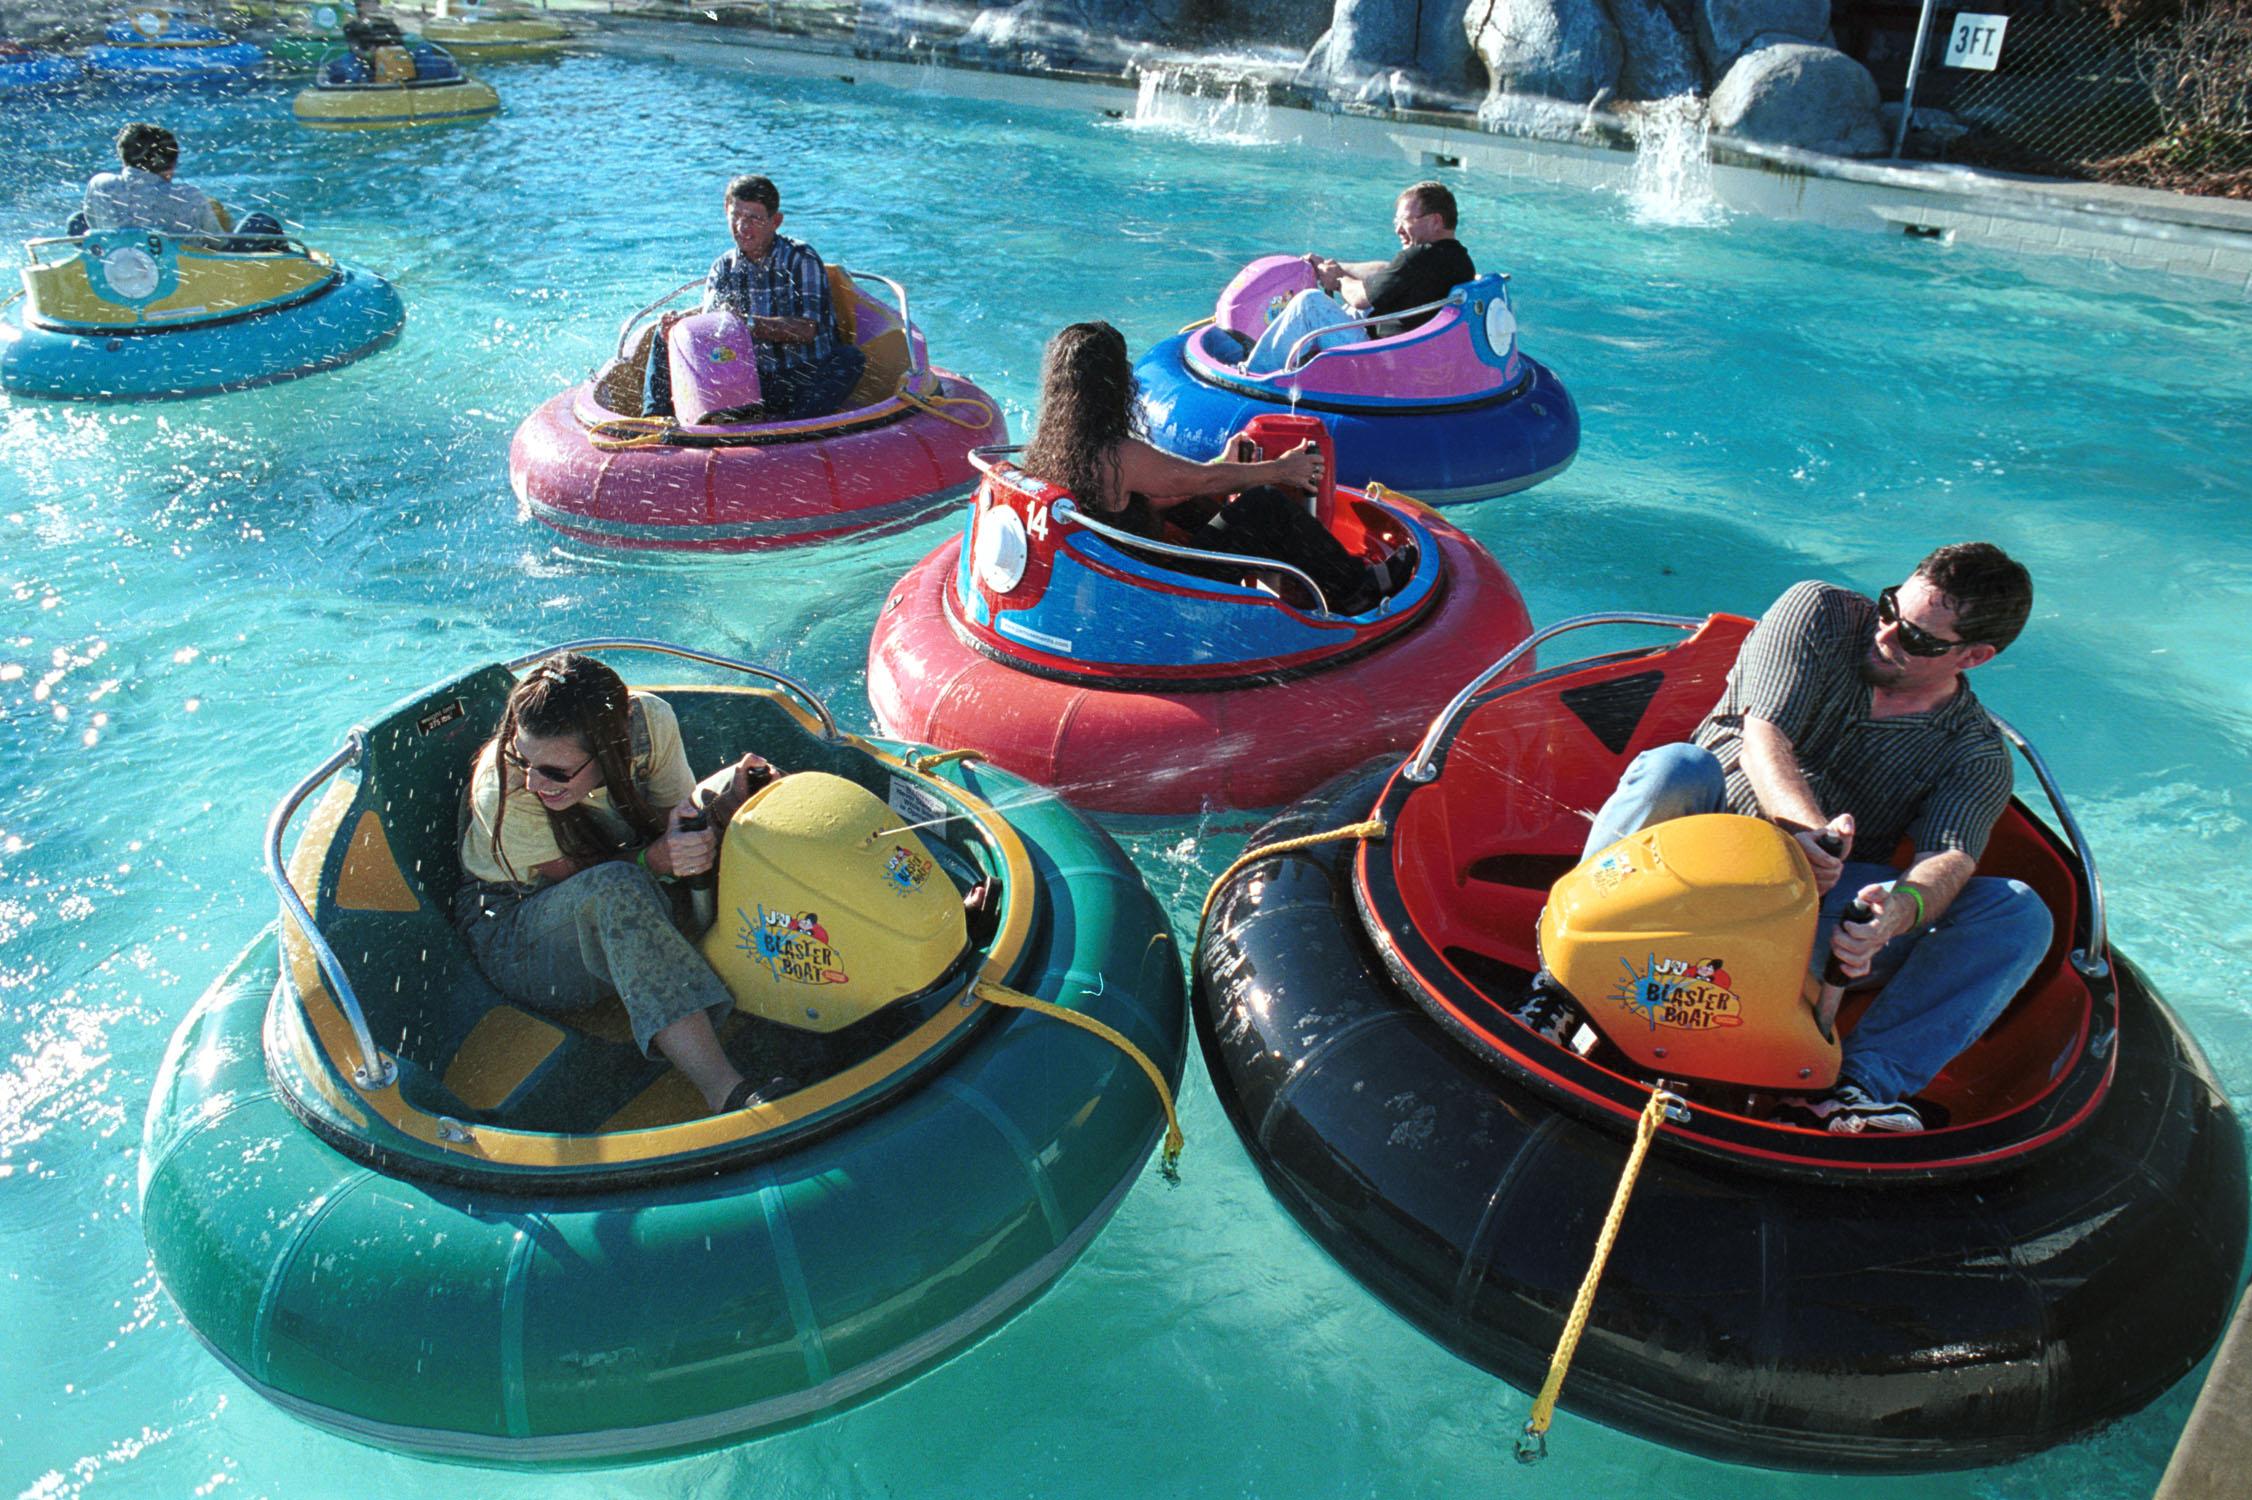 bumper boats types - bumper boats